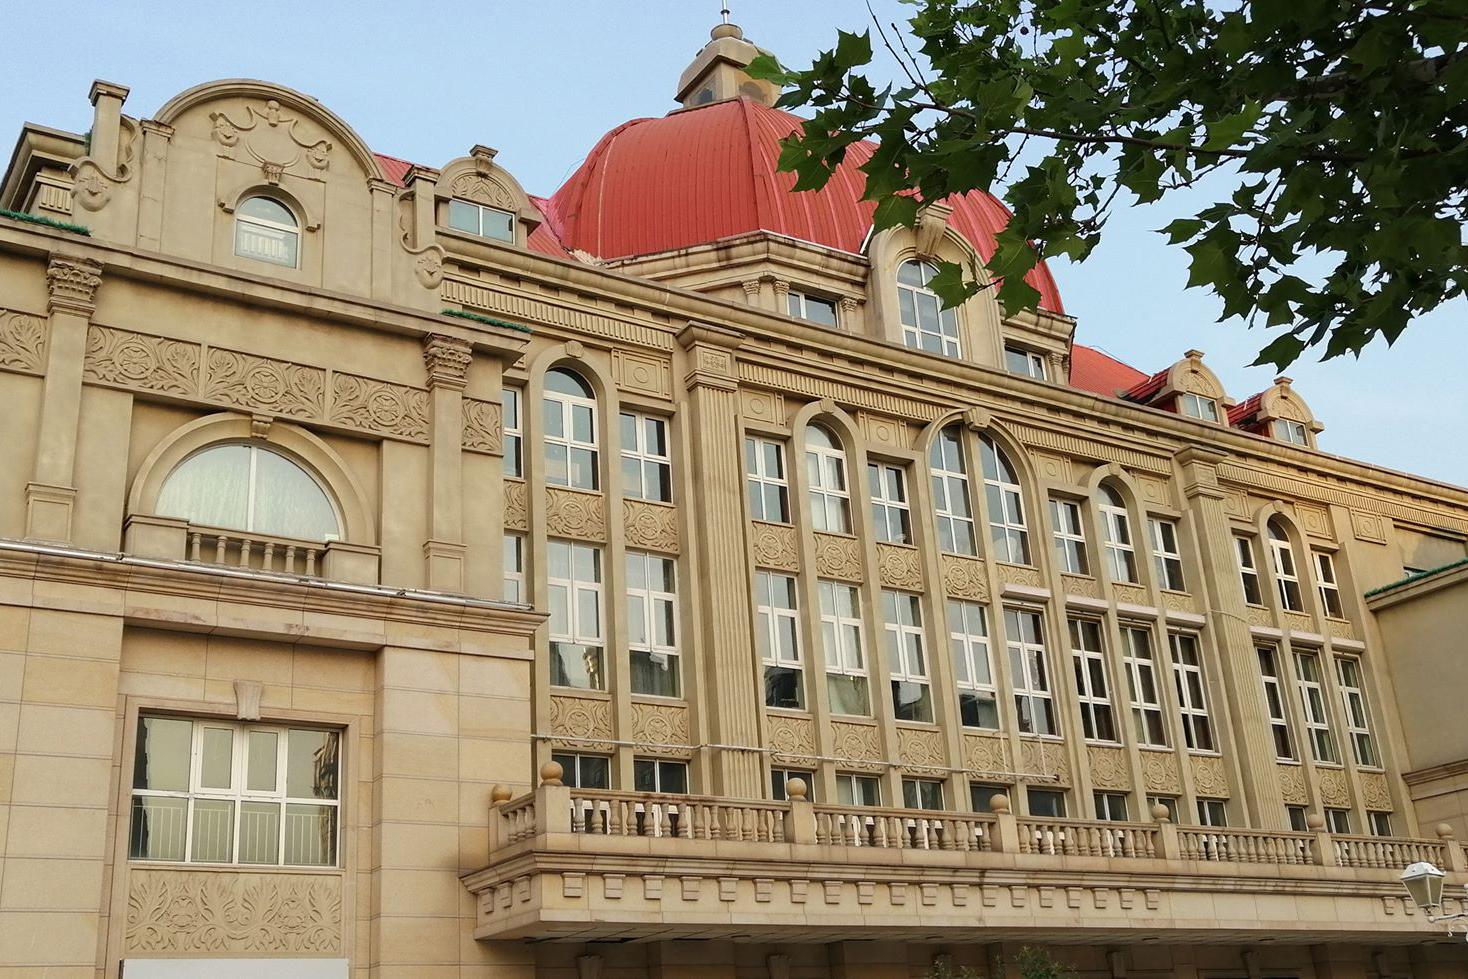 Az Osztrák-Magyar Monarchia birodalmi építészére hajazó pár éve átadott bérháza . (Fotó: Rimányi Áron - Falanszter.blog.hu)